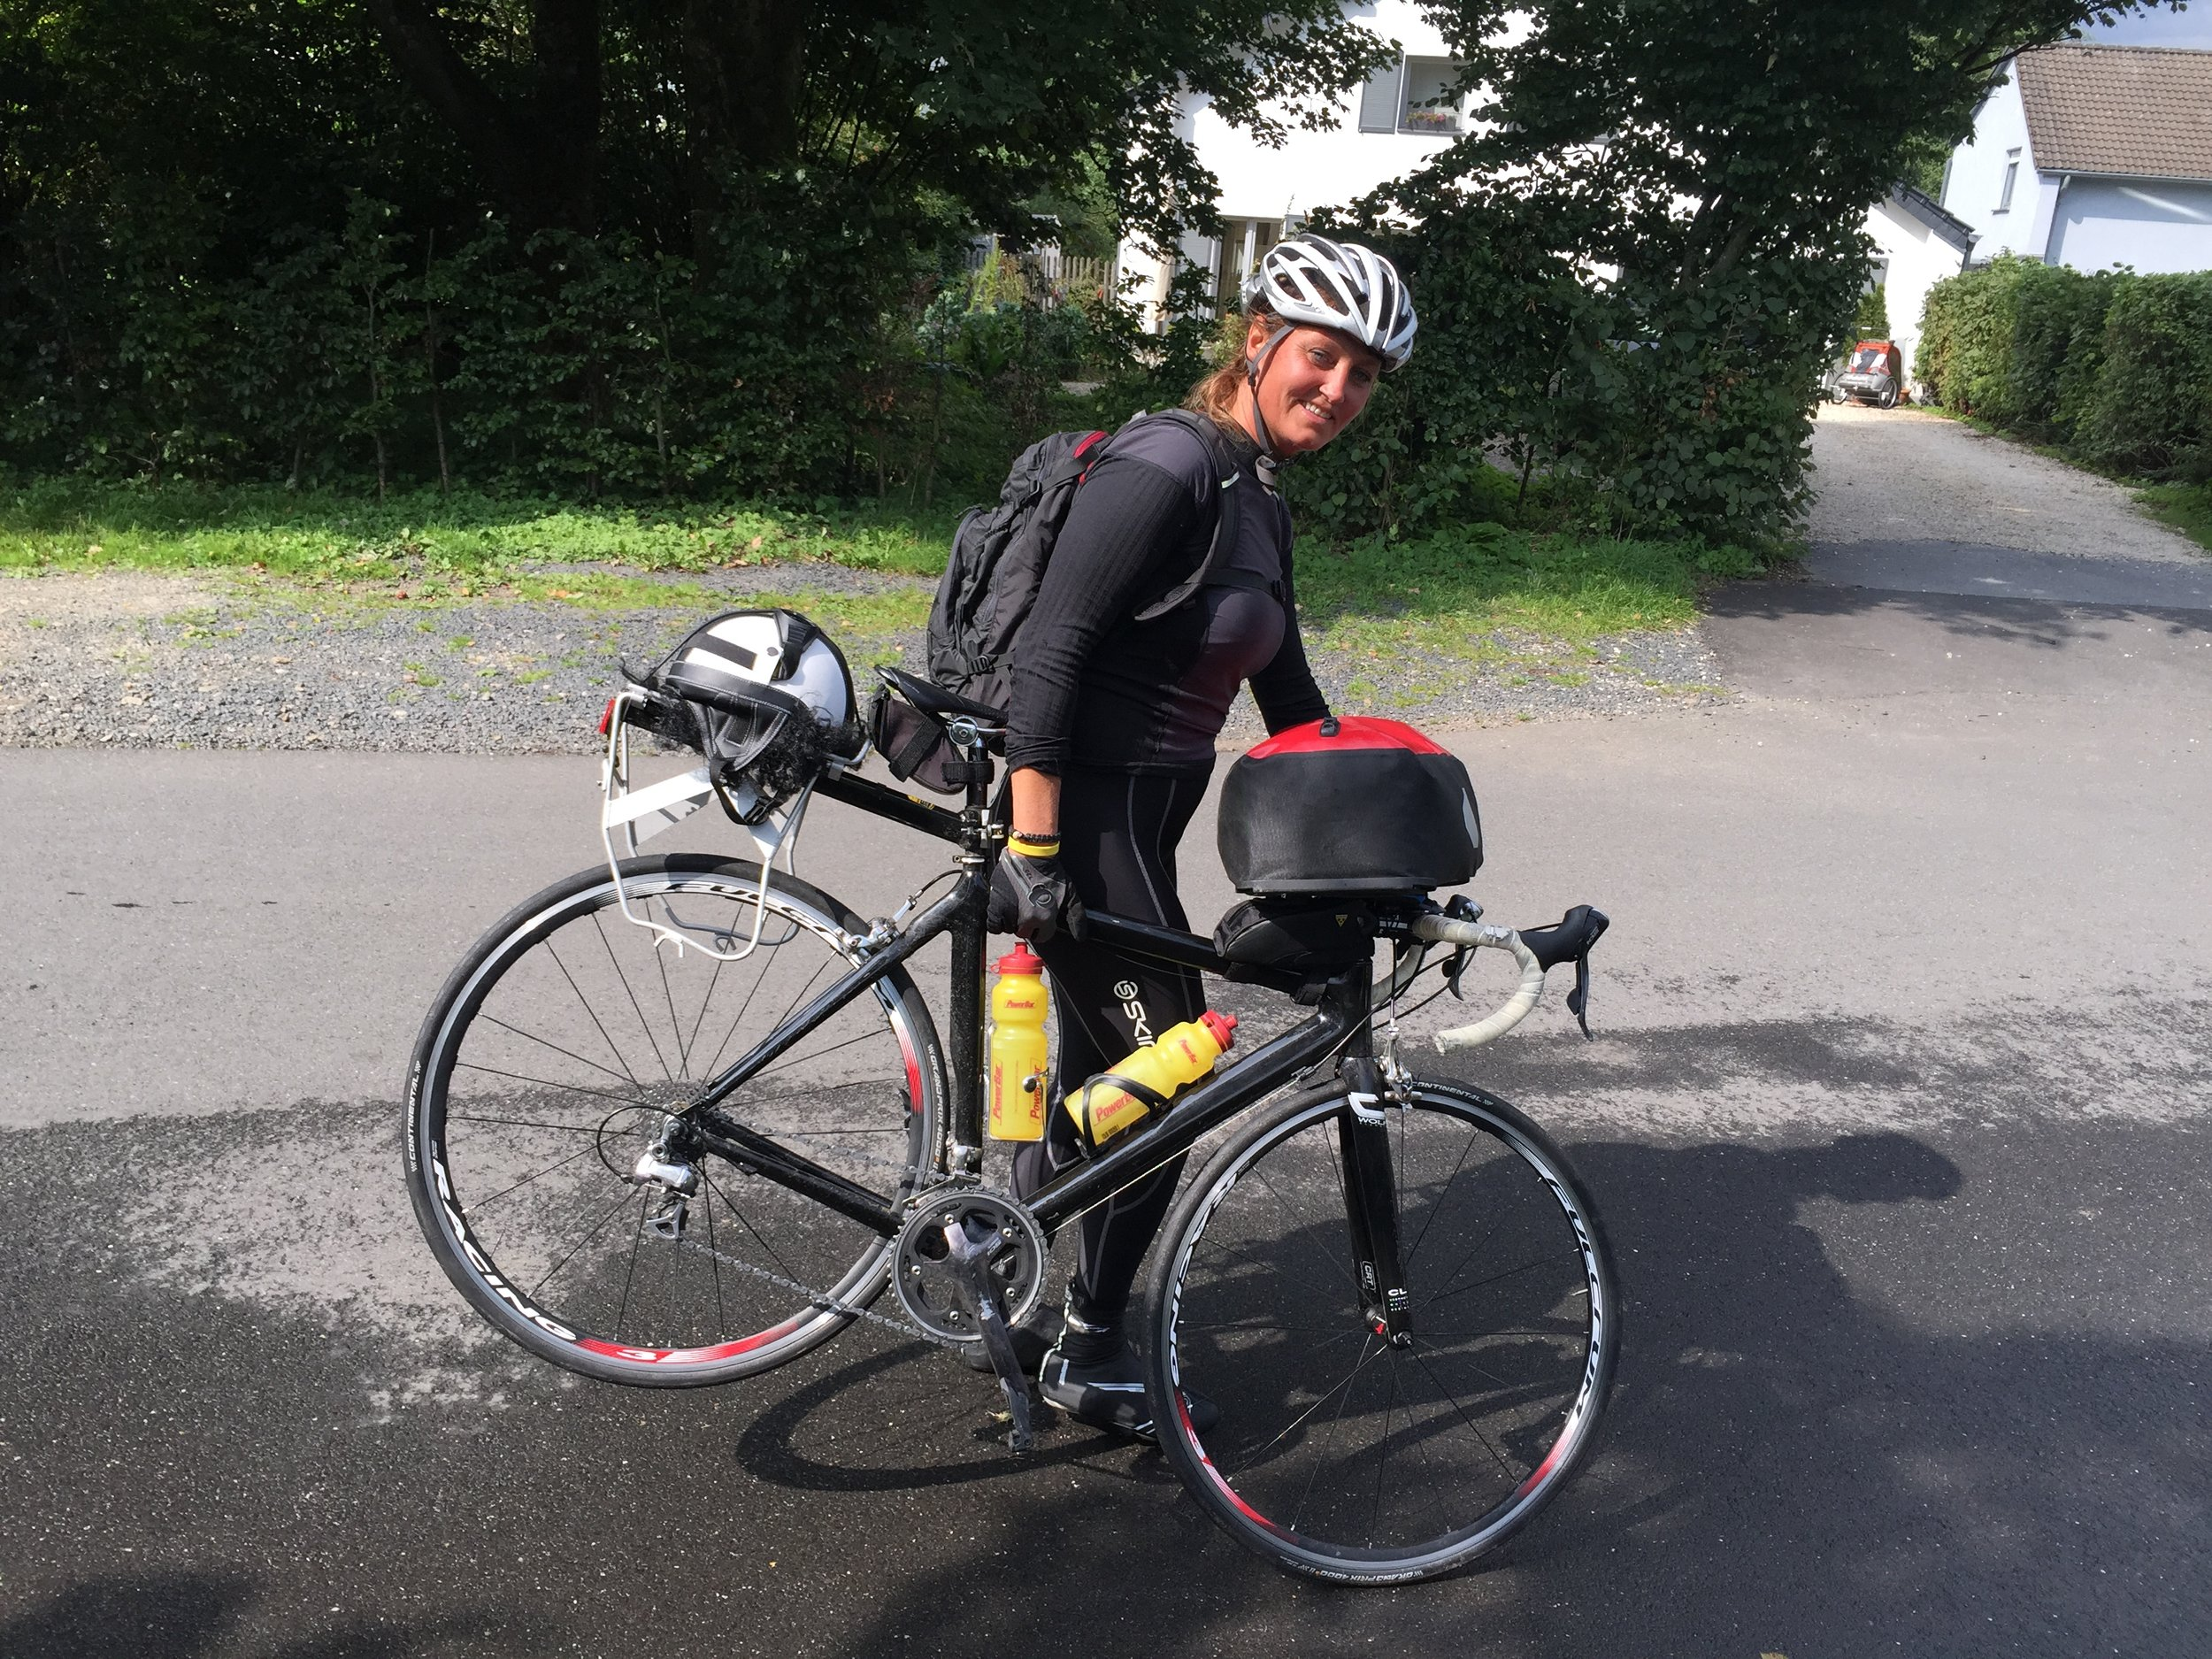 Cecilie hadde så fin sykkel at det ikke var bagasjebrett på den. Det gjorde at veskene slo inn i eikene og bråstoppet sykkelen. Skjevt hjul stopper turen.